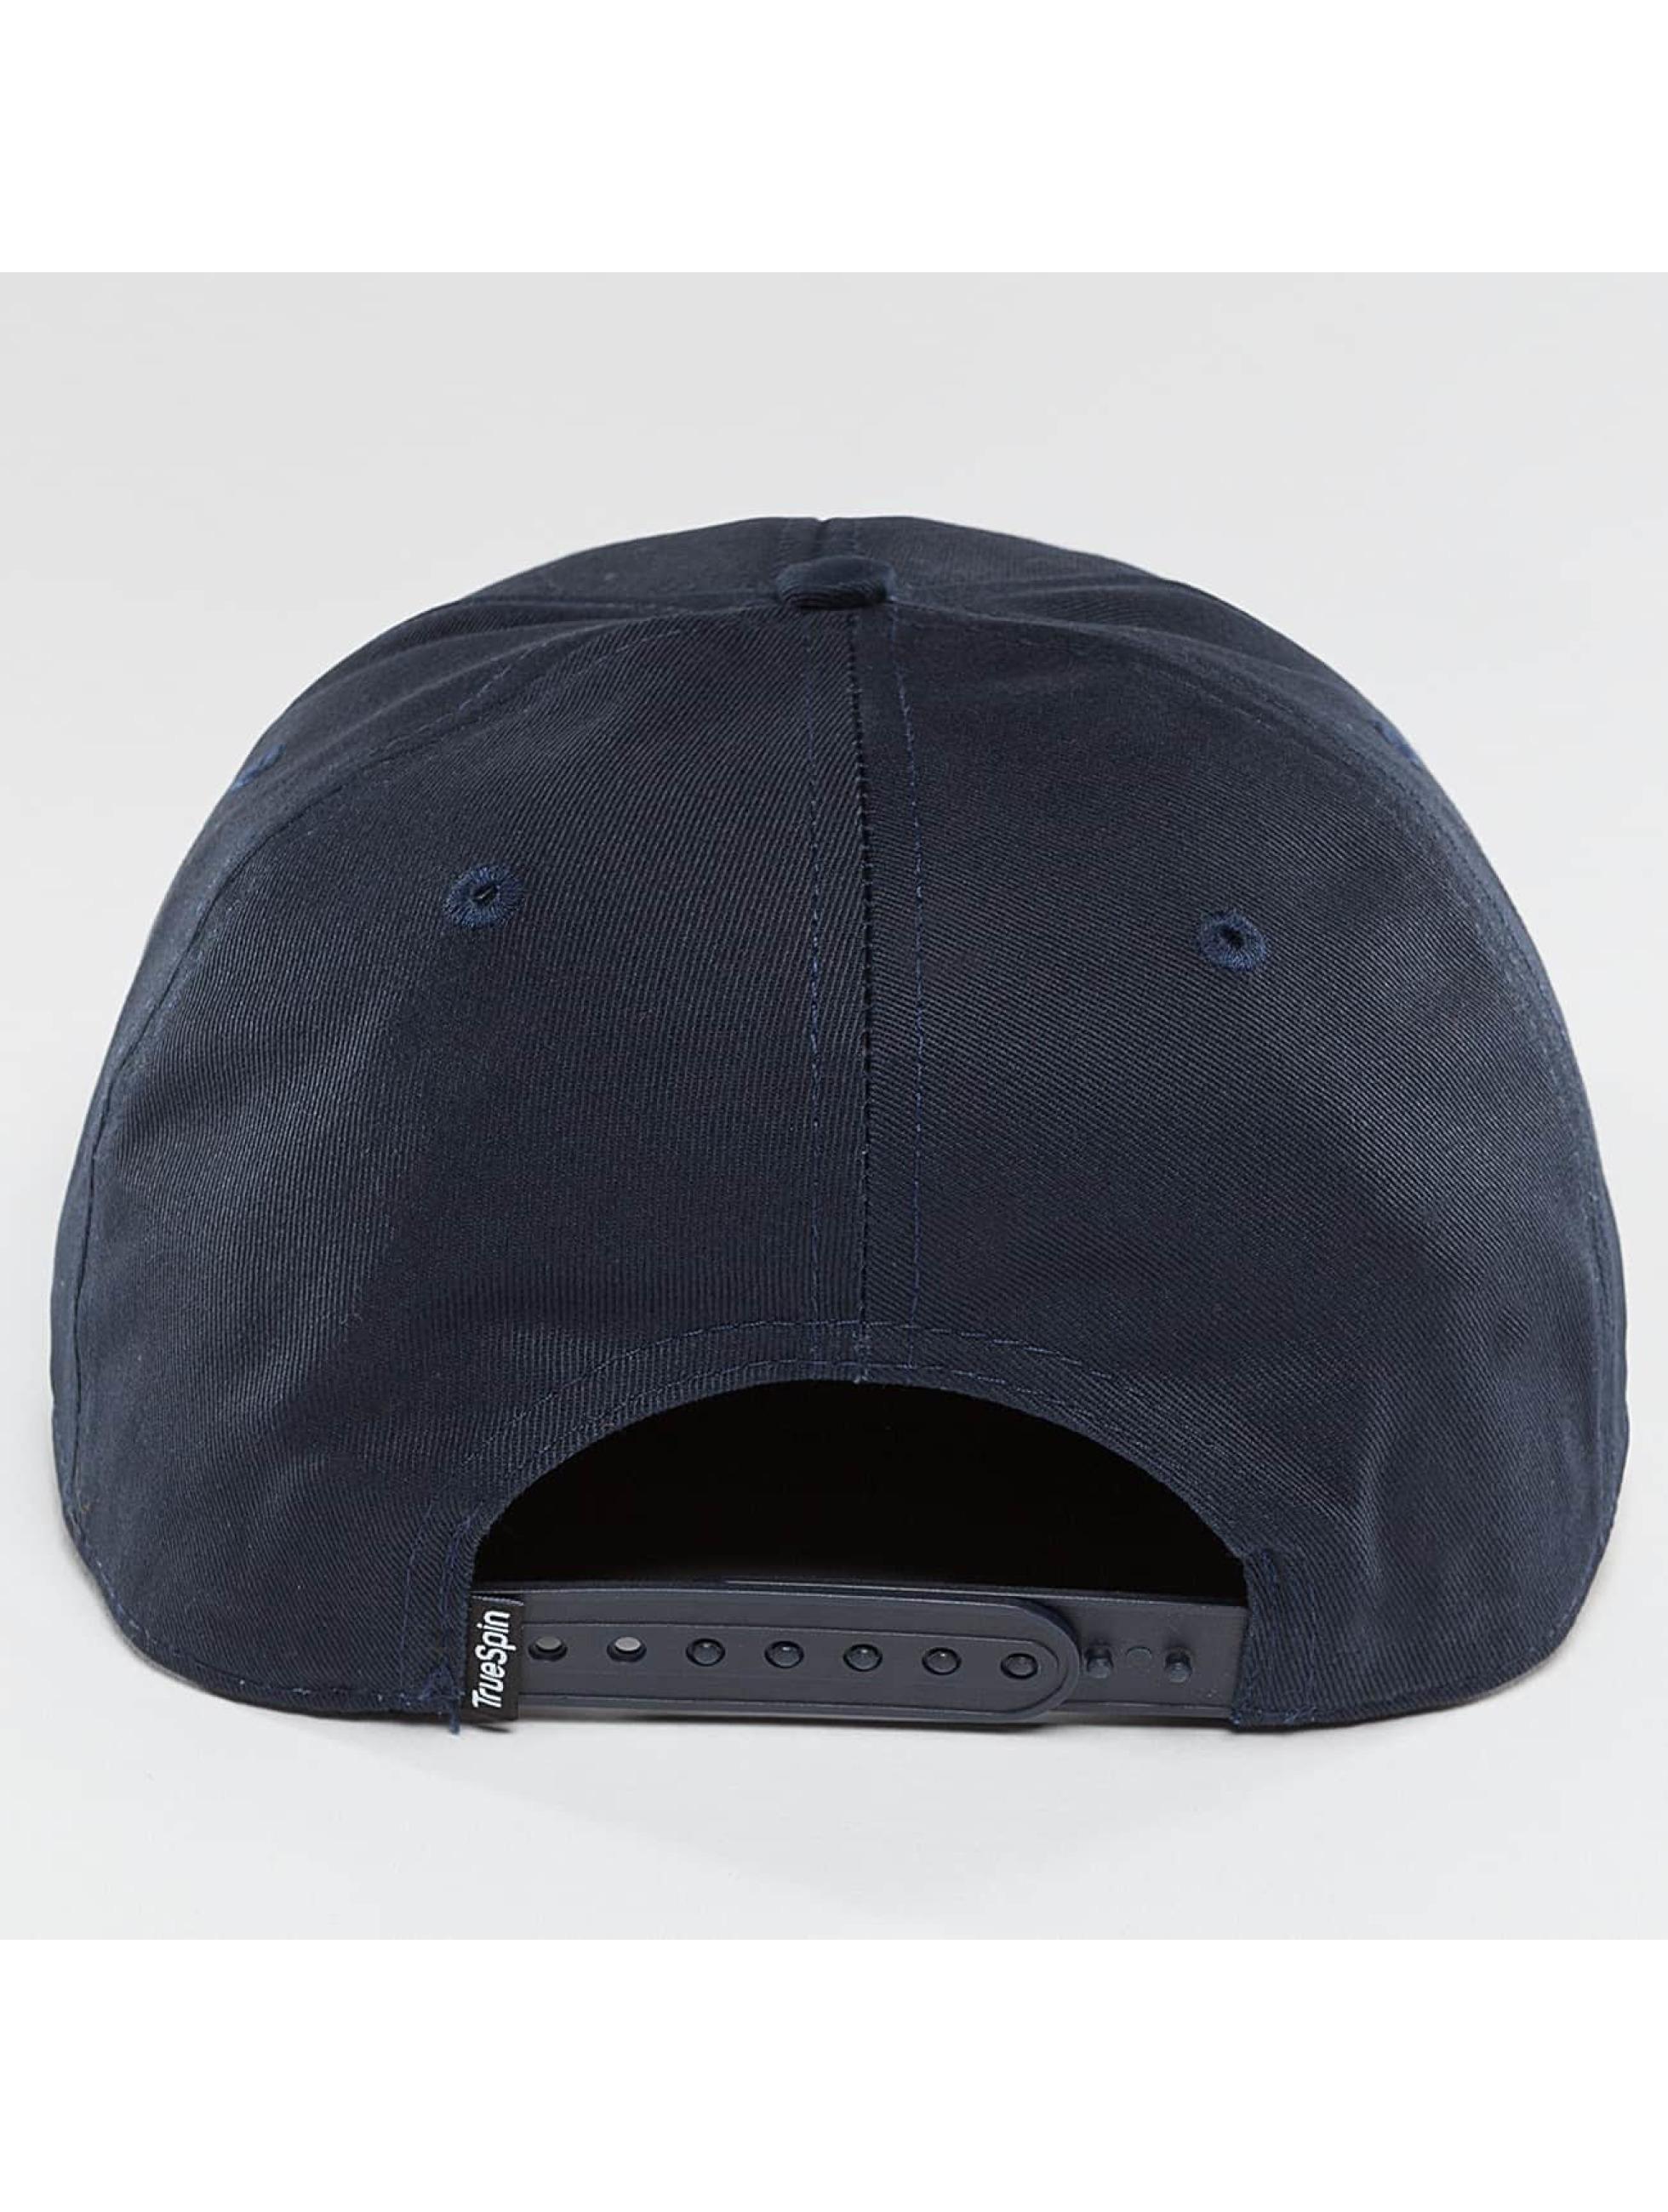 TrueSpin Casquette Snapback & Strapback Täskulap bleu